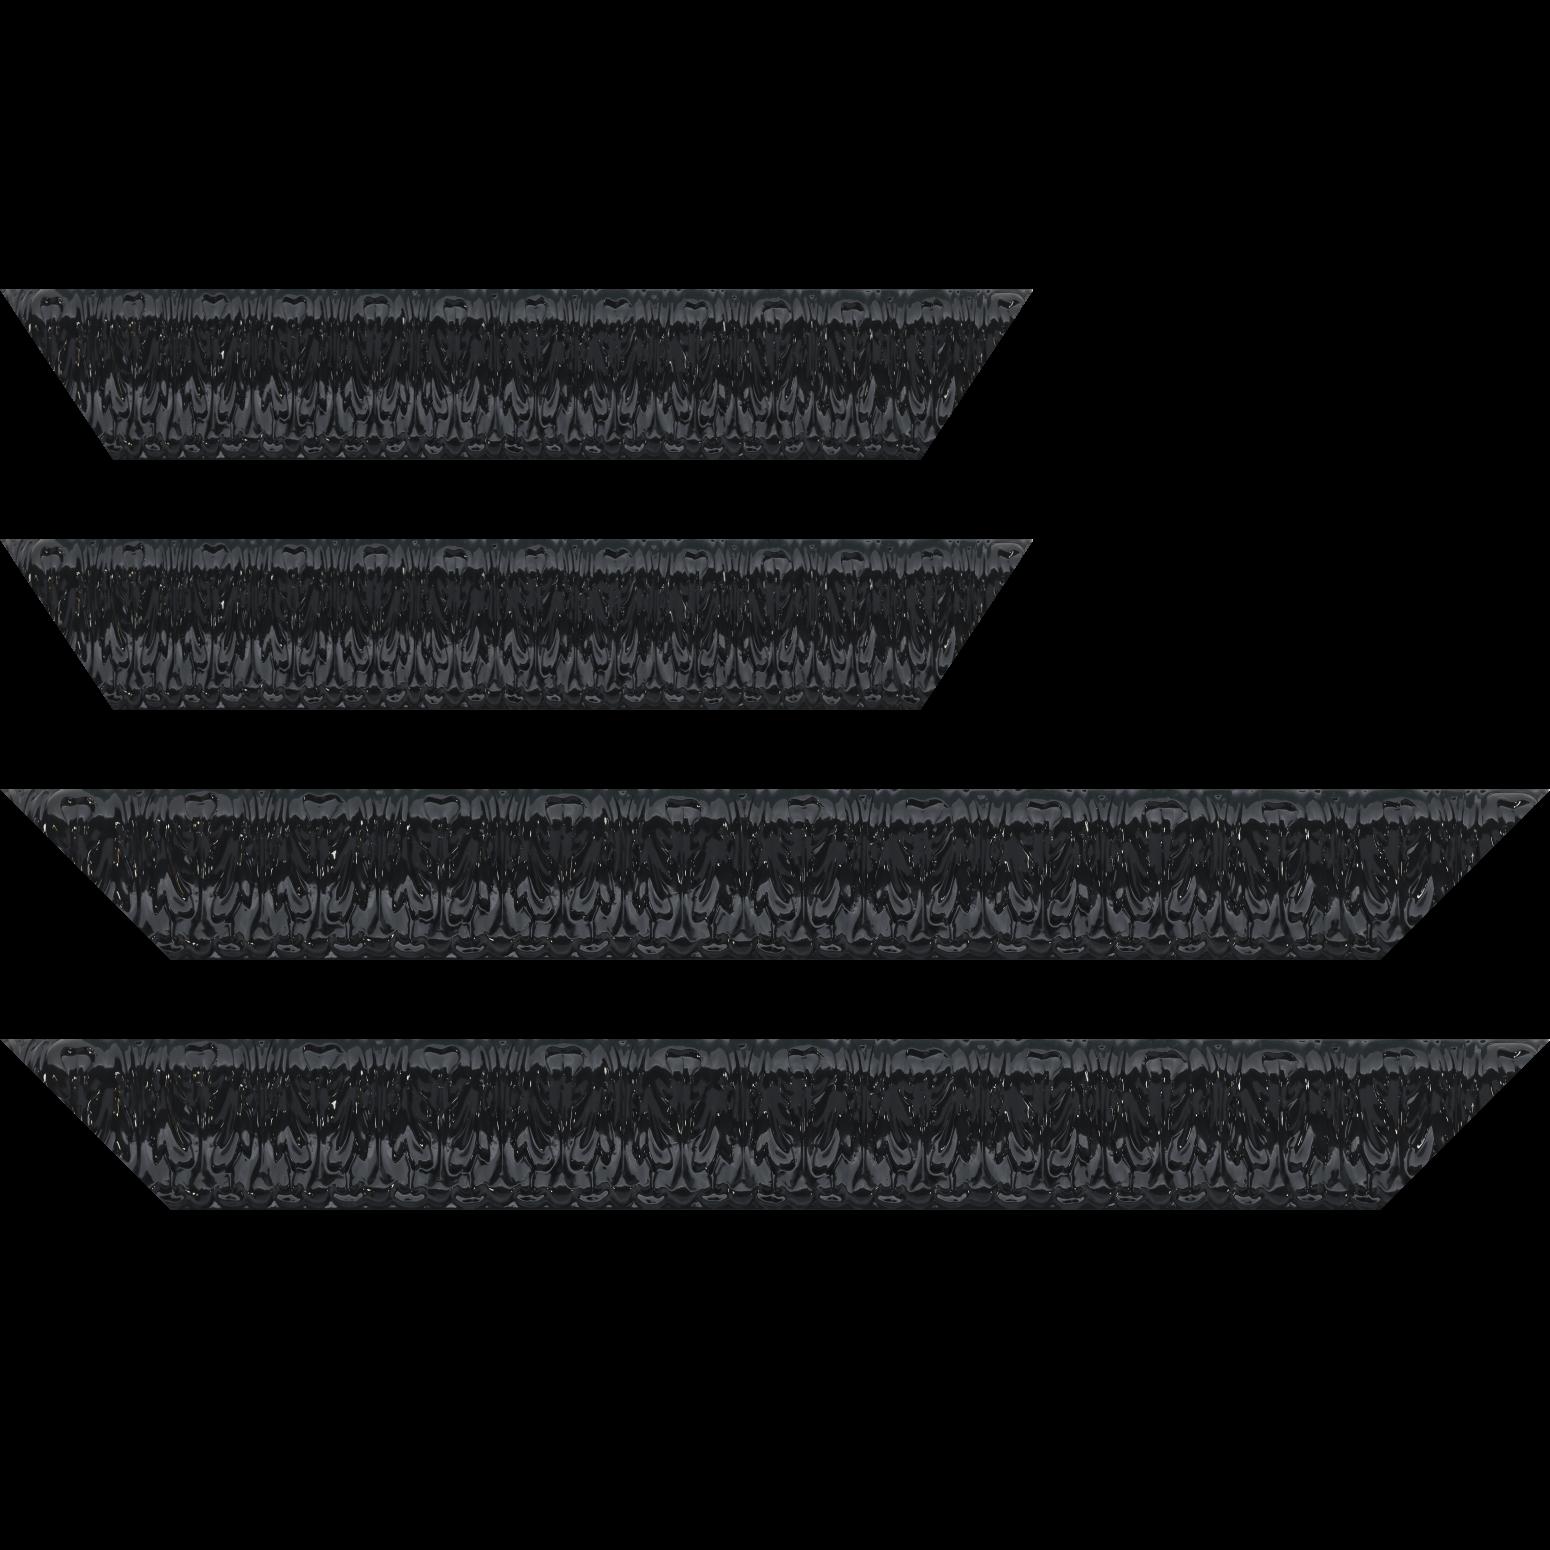 Baguette service précoupé Bois profil incurvé largeur 5.3cm couleur noir laqué style baroque